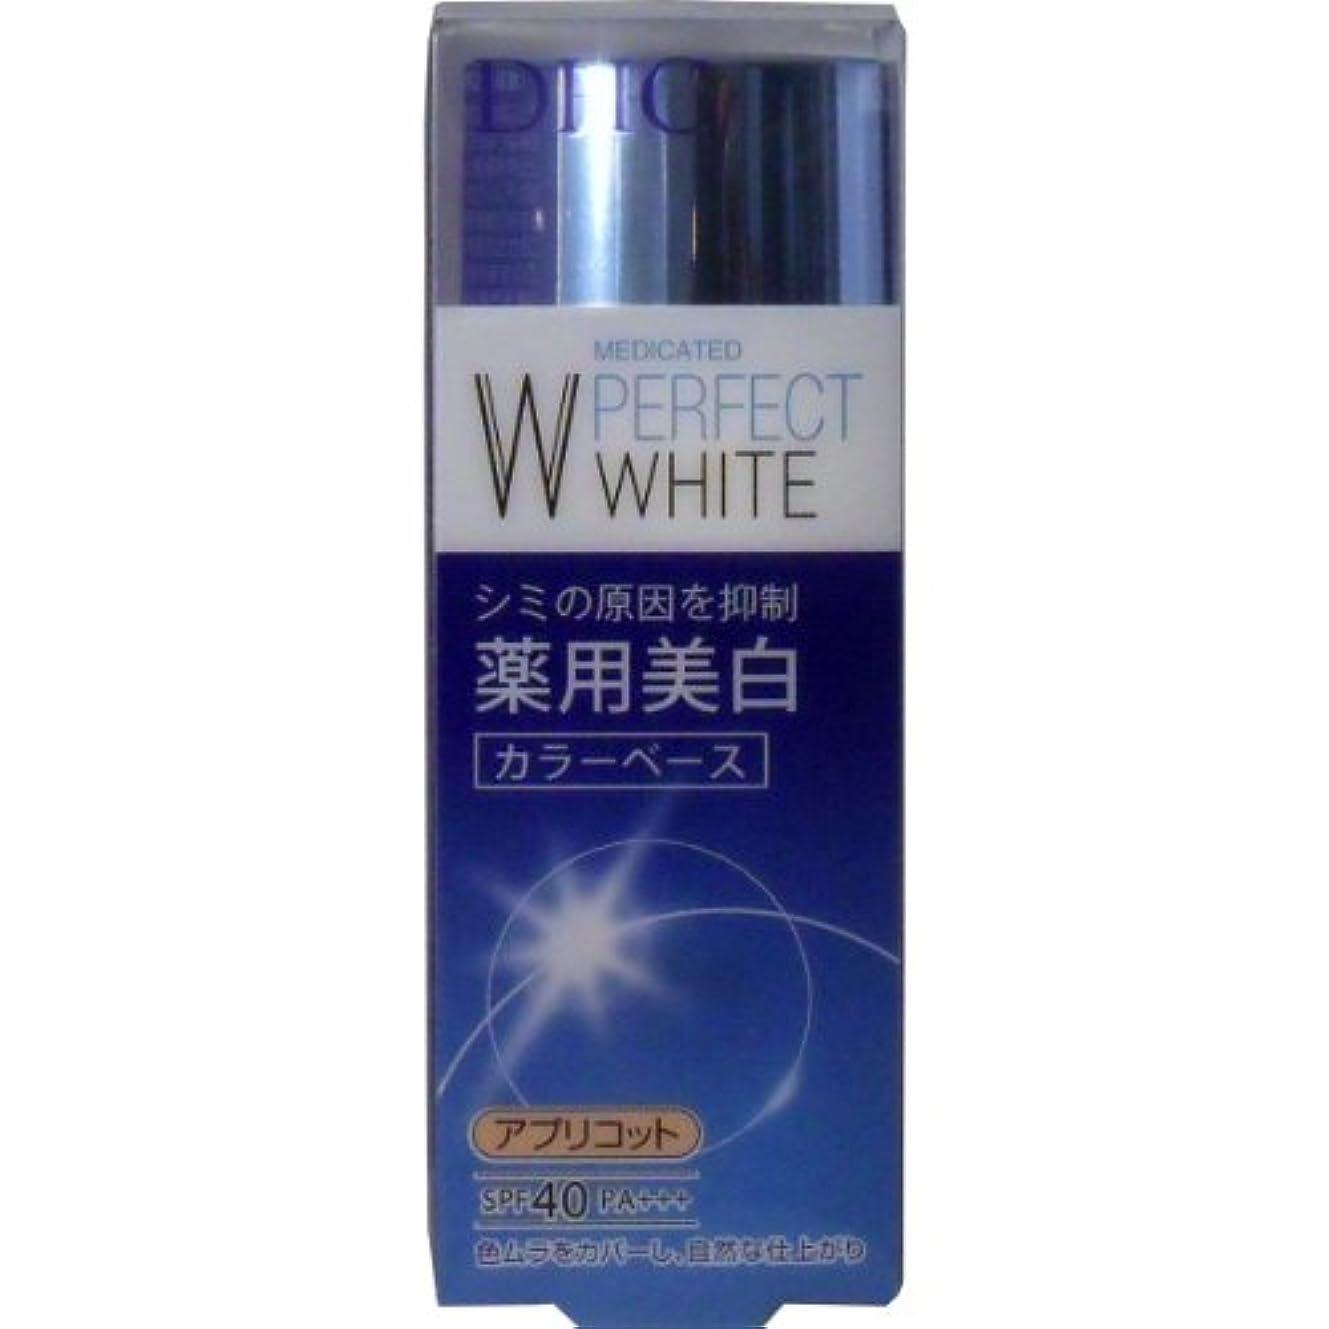 セラフ保険をかける受け入れるDHC 薬用美白パーフェクトホワイト カラーベース アプリコット 30g (商品内訳:単品1個)